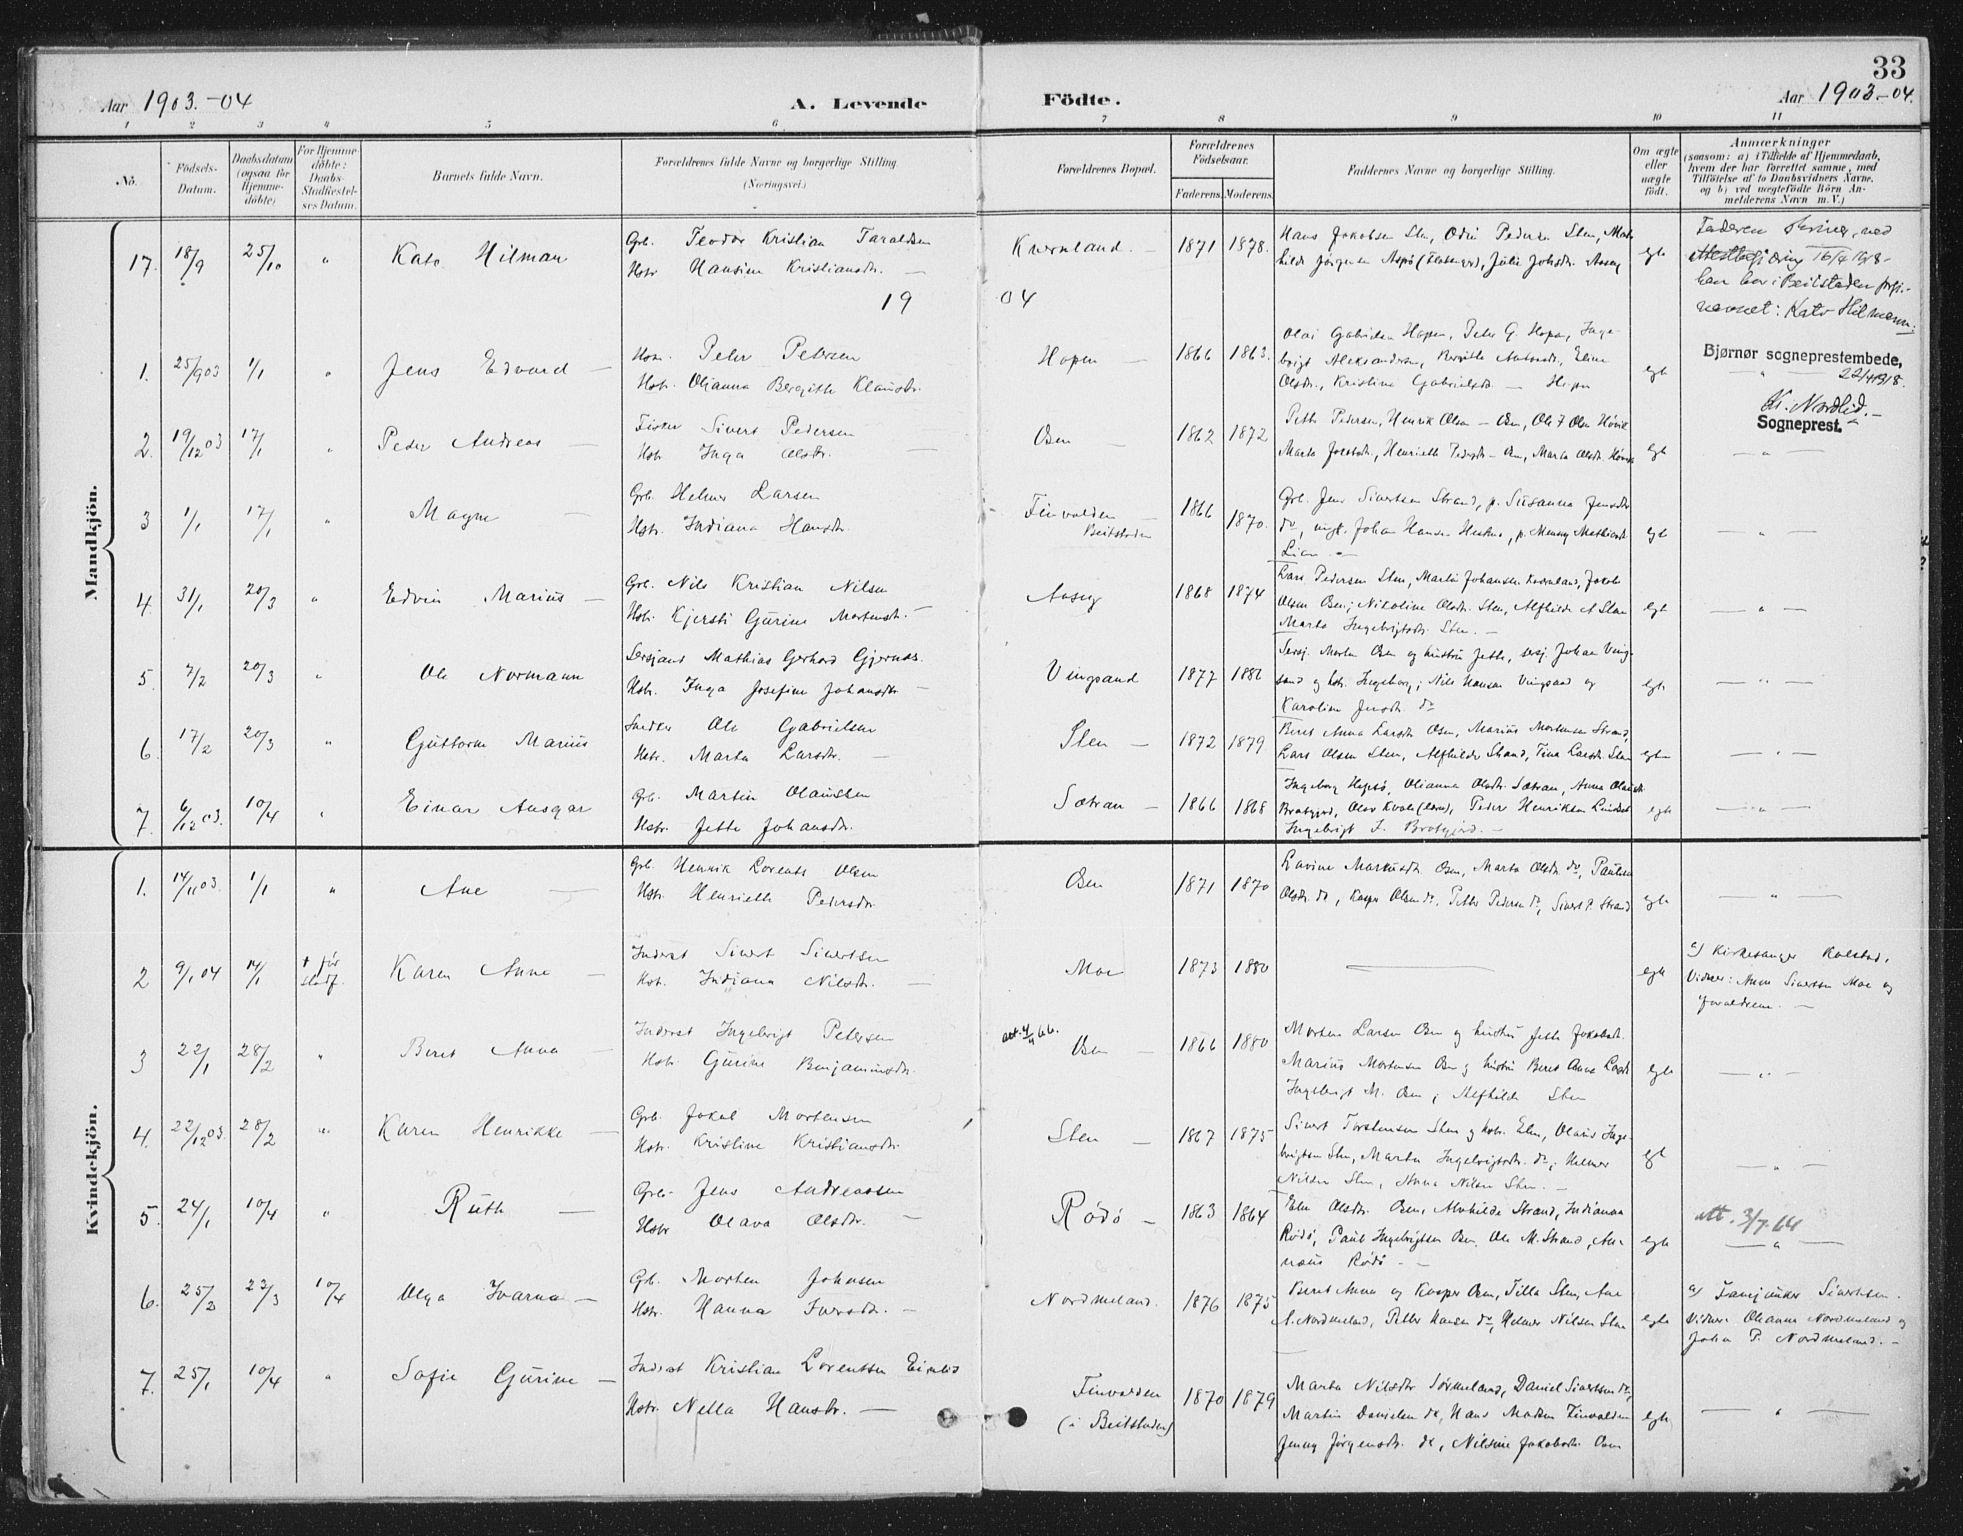 SAT, Ministerialprotokoller, klokkerbøker og fødselsregistre - Sør-Trøndelag, 658/L0723: Ministerialbok nr. 658A02, 1897-1912, s. 33